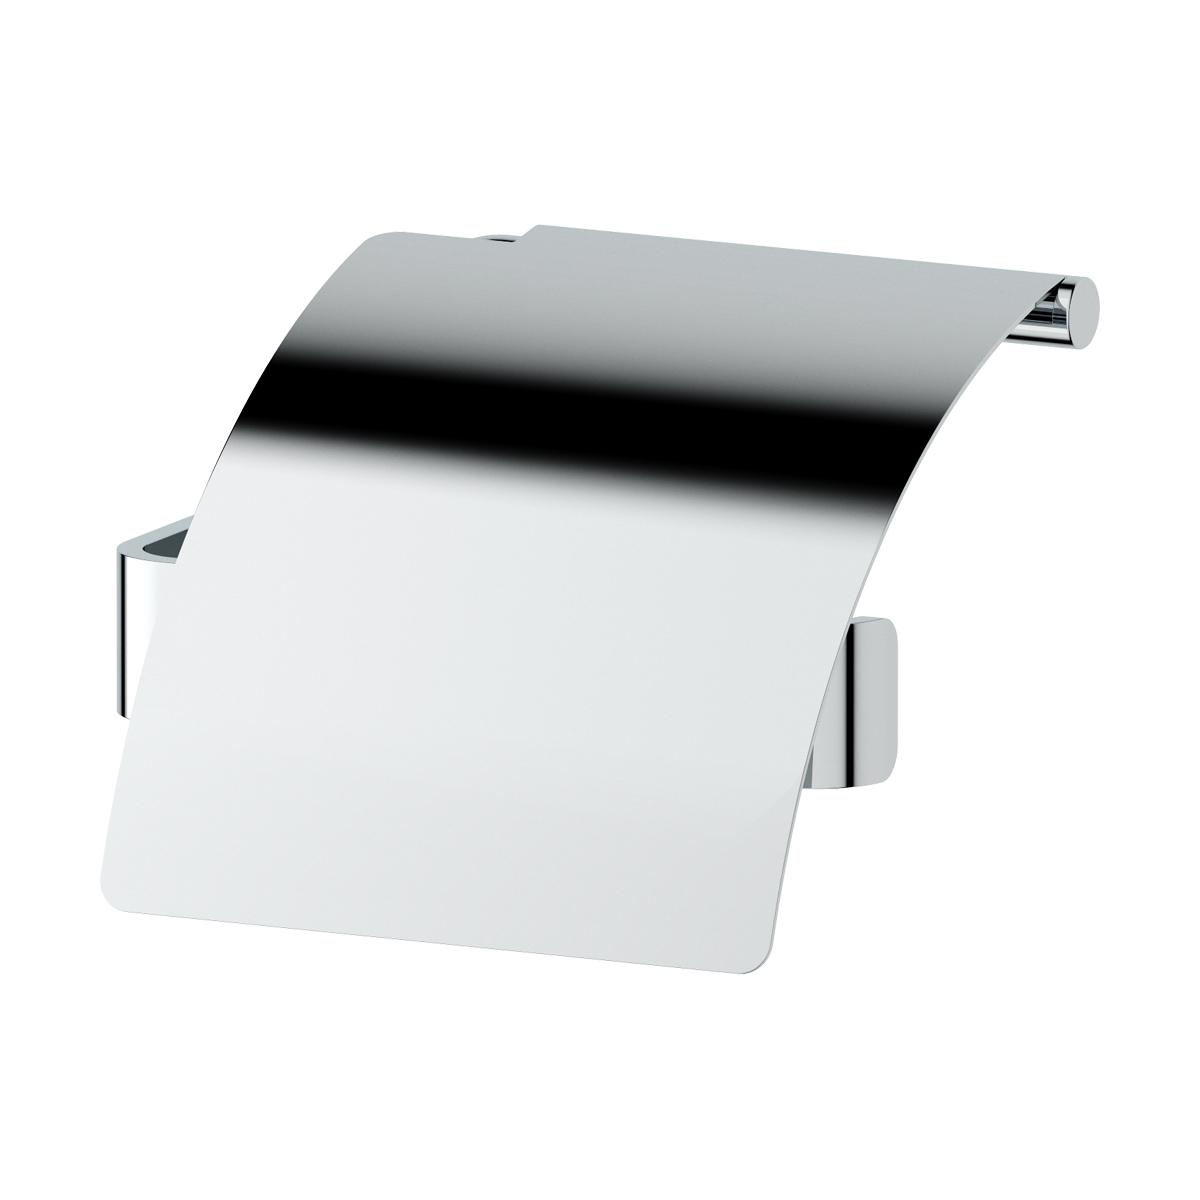 Держатель туалетной бумаги с крышкой Artwelle regen недорого